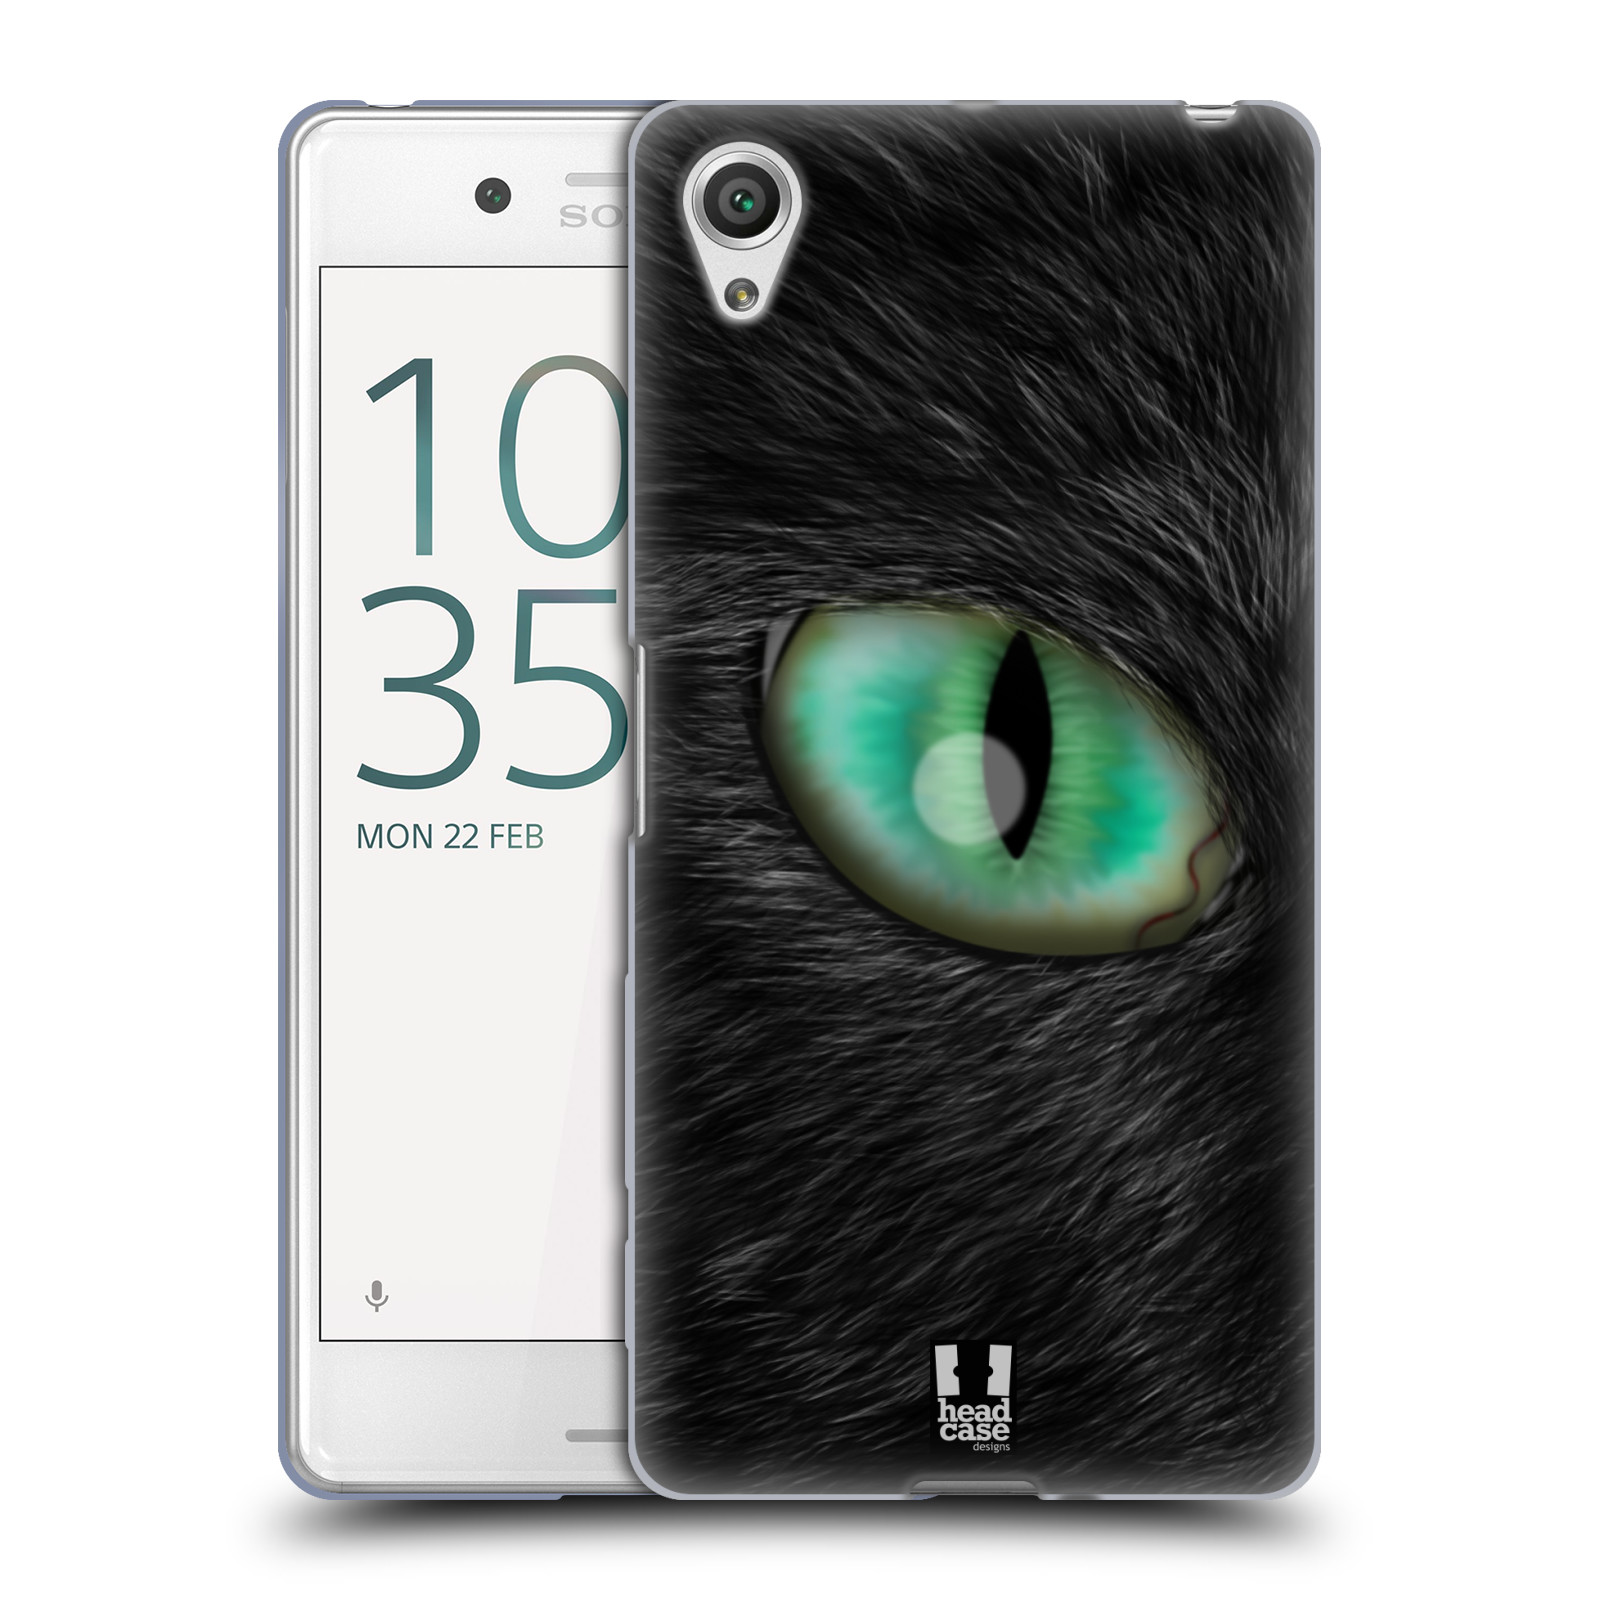 HEAD CASE silikonový obal na mobil Sony Xperia X PERFORMANCE (F8131, F8132) vzor pohled zvířete oko kočka